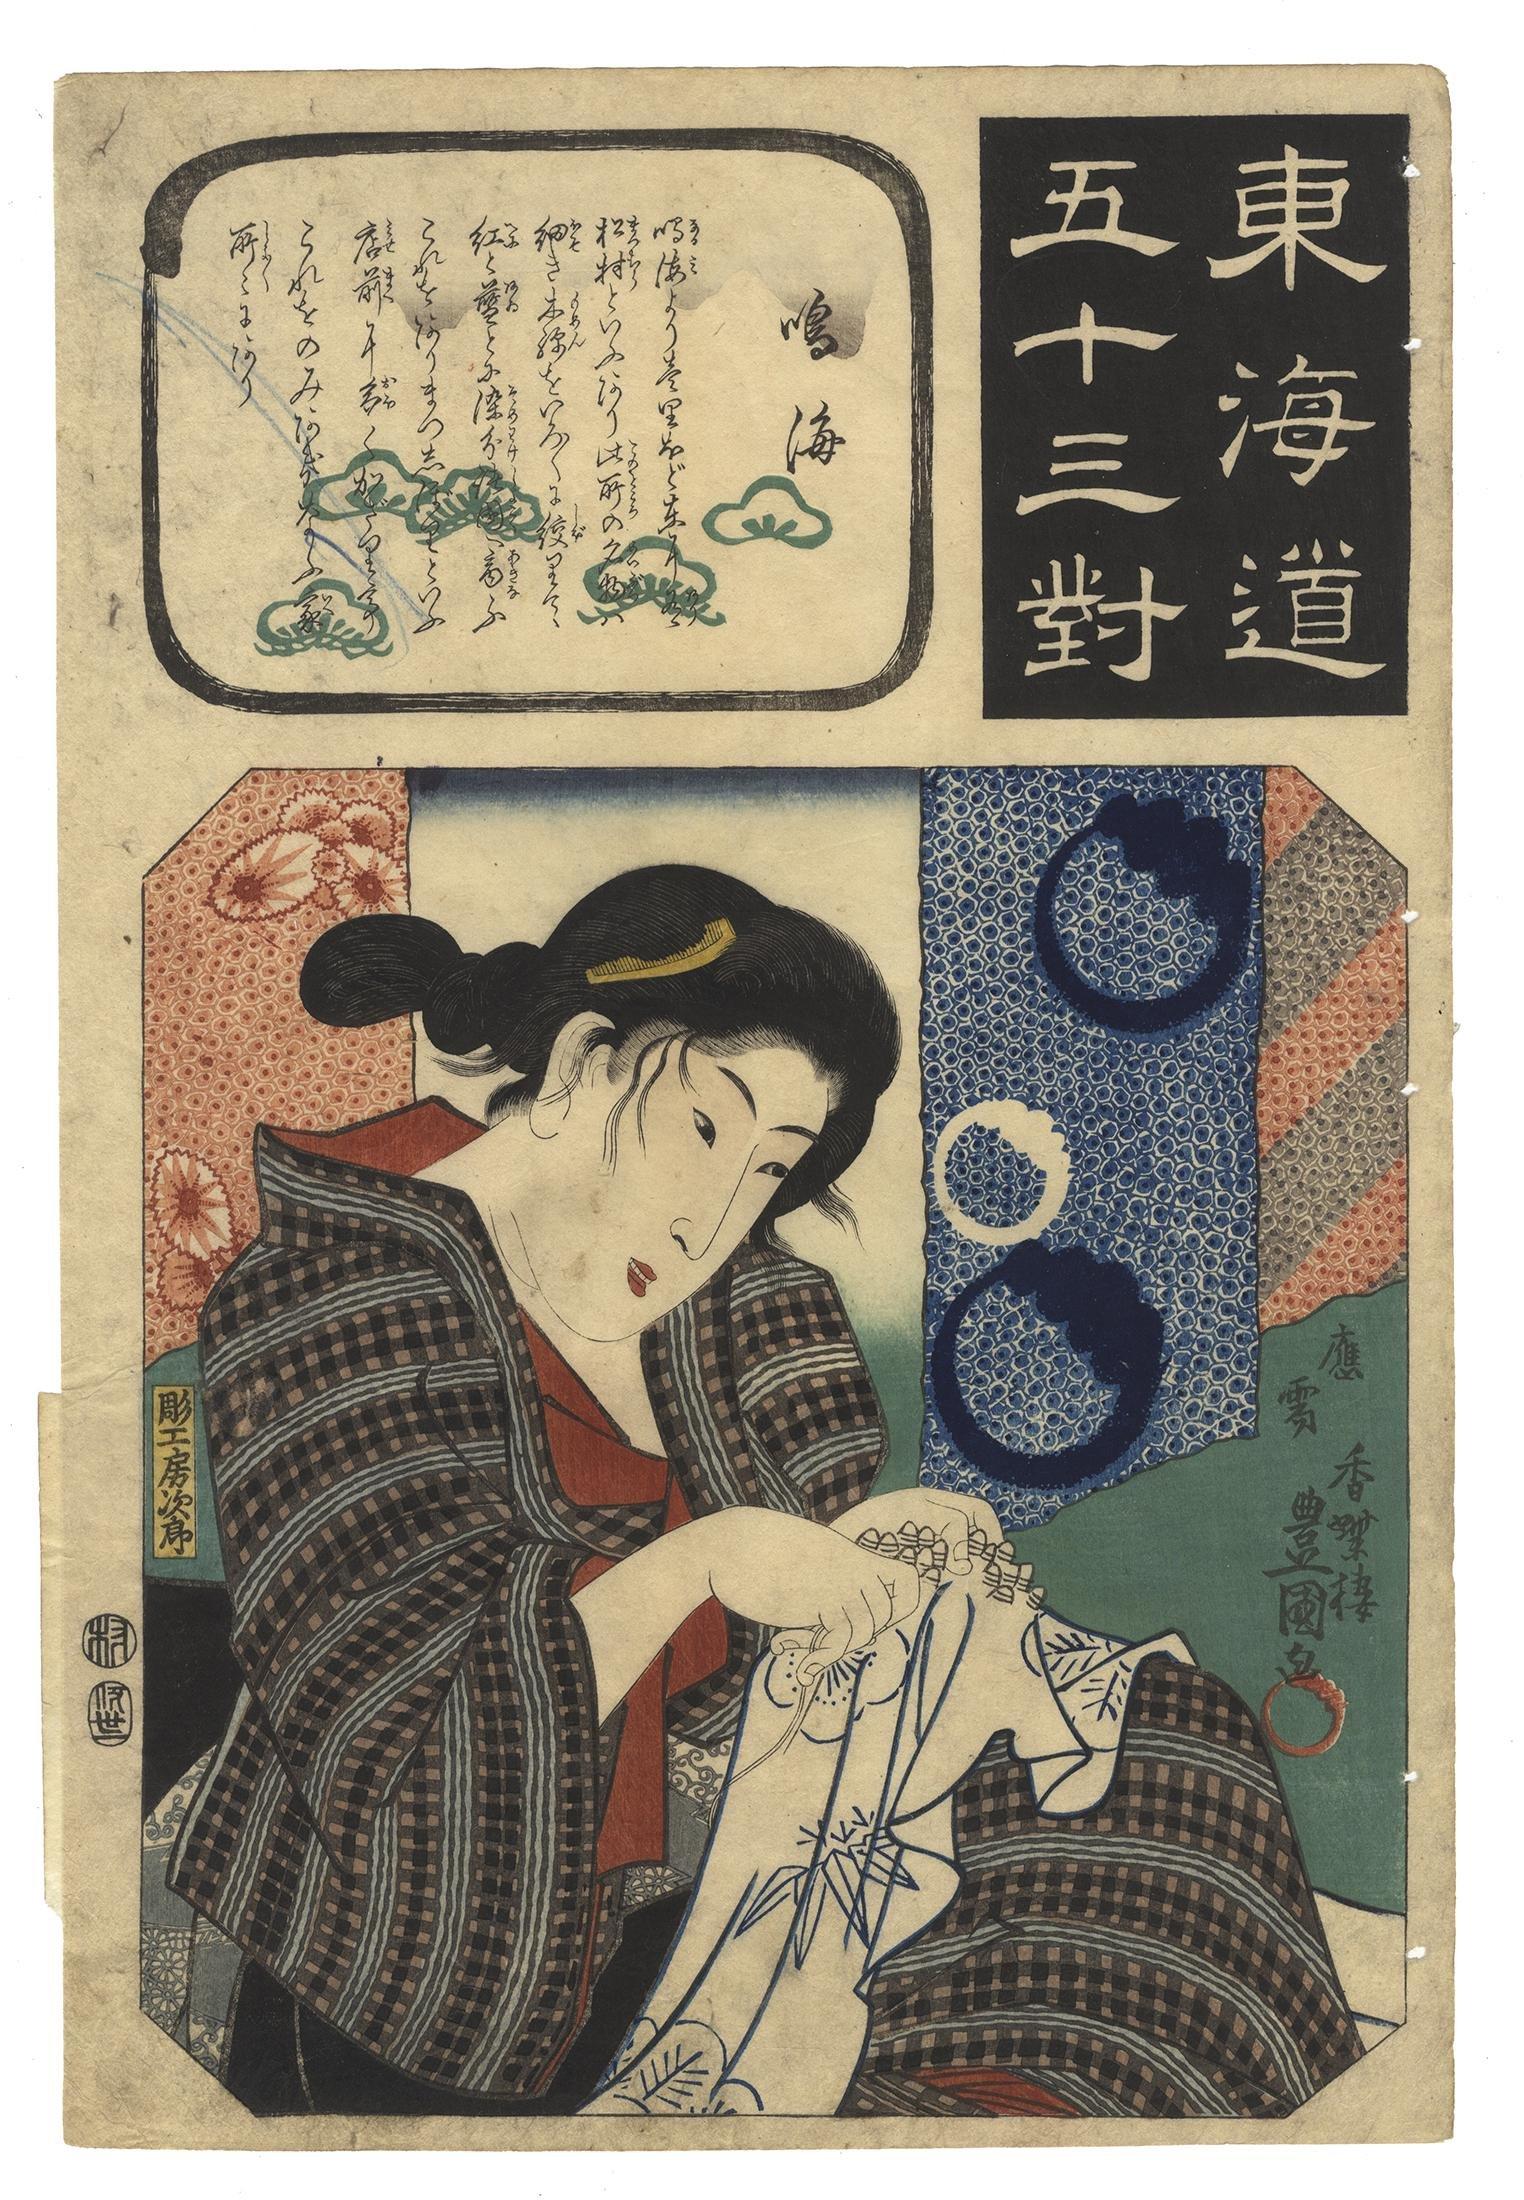 Kuniyoshi Utagawa, Stations, Sewing, Japanese woodblock